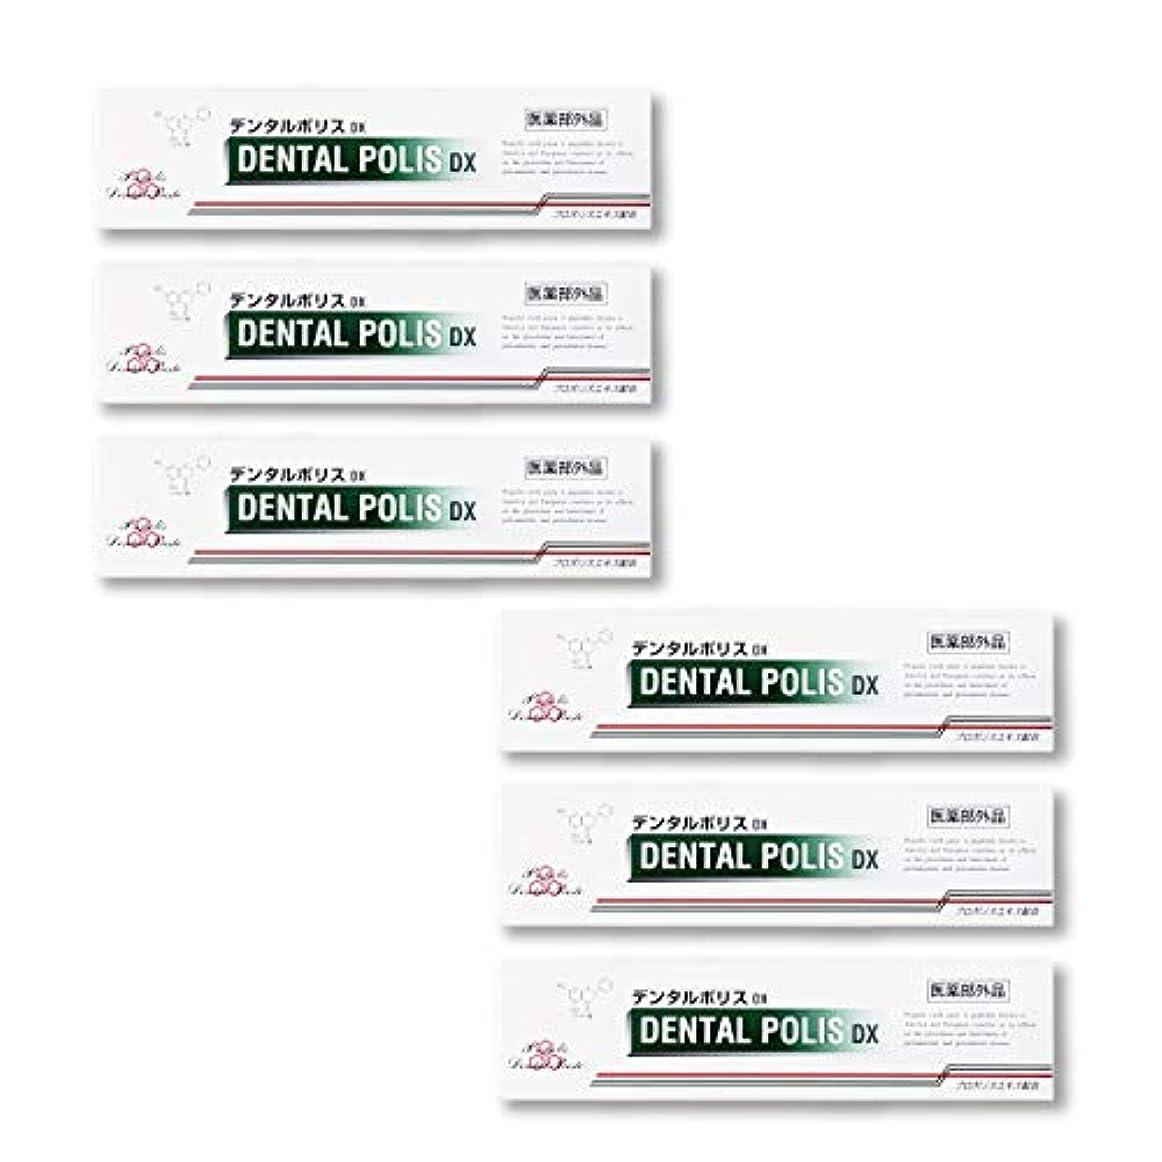 学士酸度内訳デンタルポリスDX 80g お得な5個+1個セット 【医薬部外品】